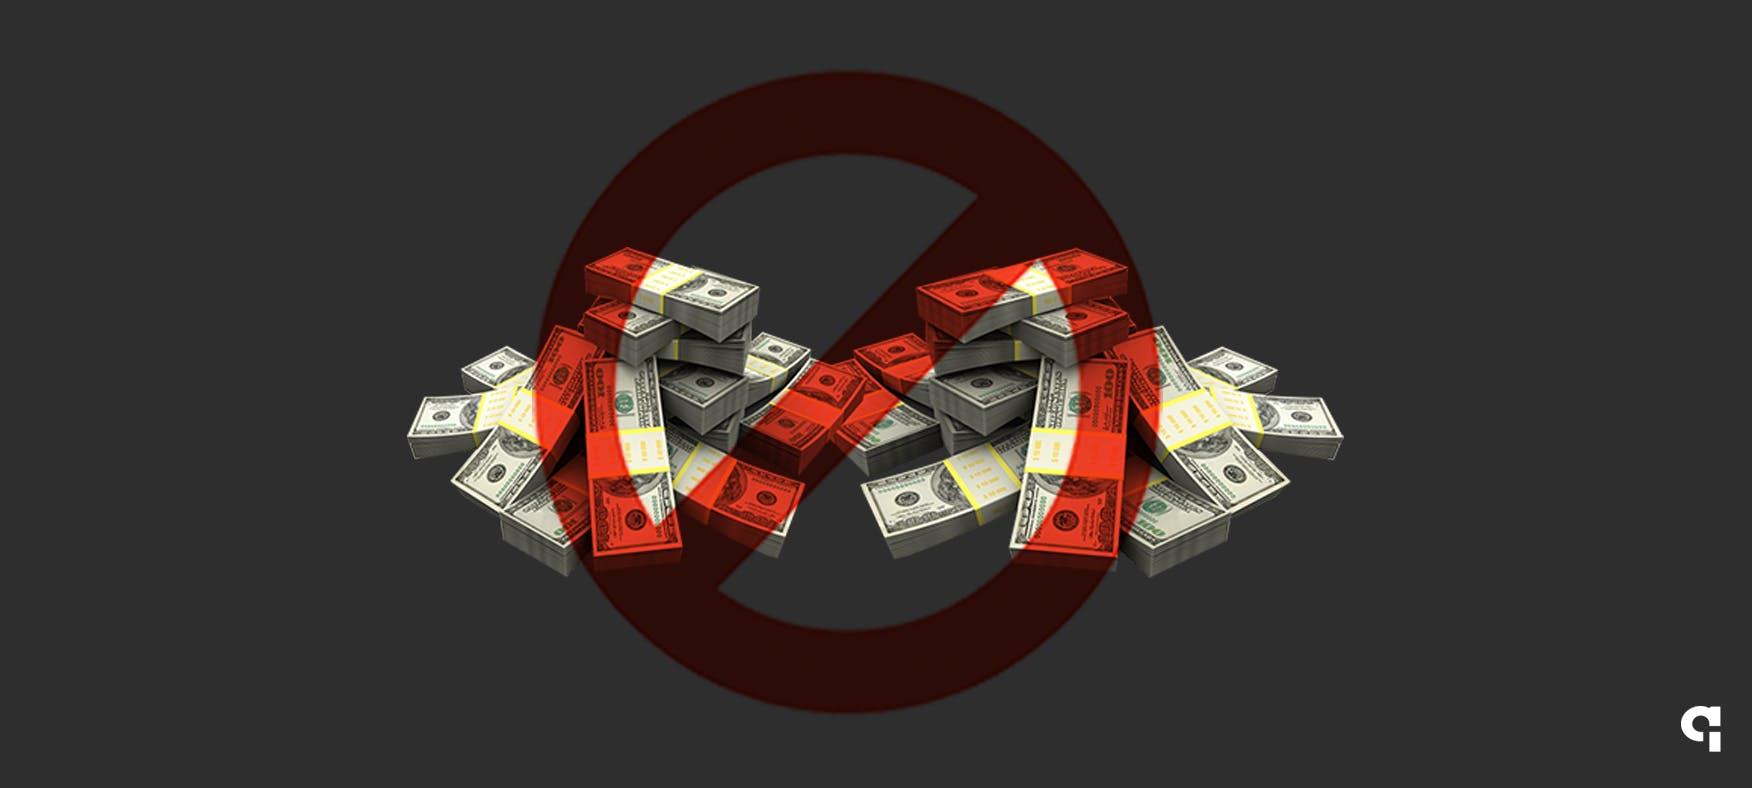 Bigtechs suspendem contribuição ao governo americano